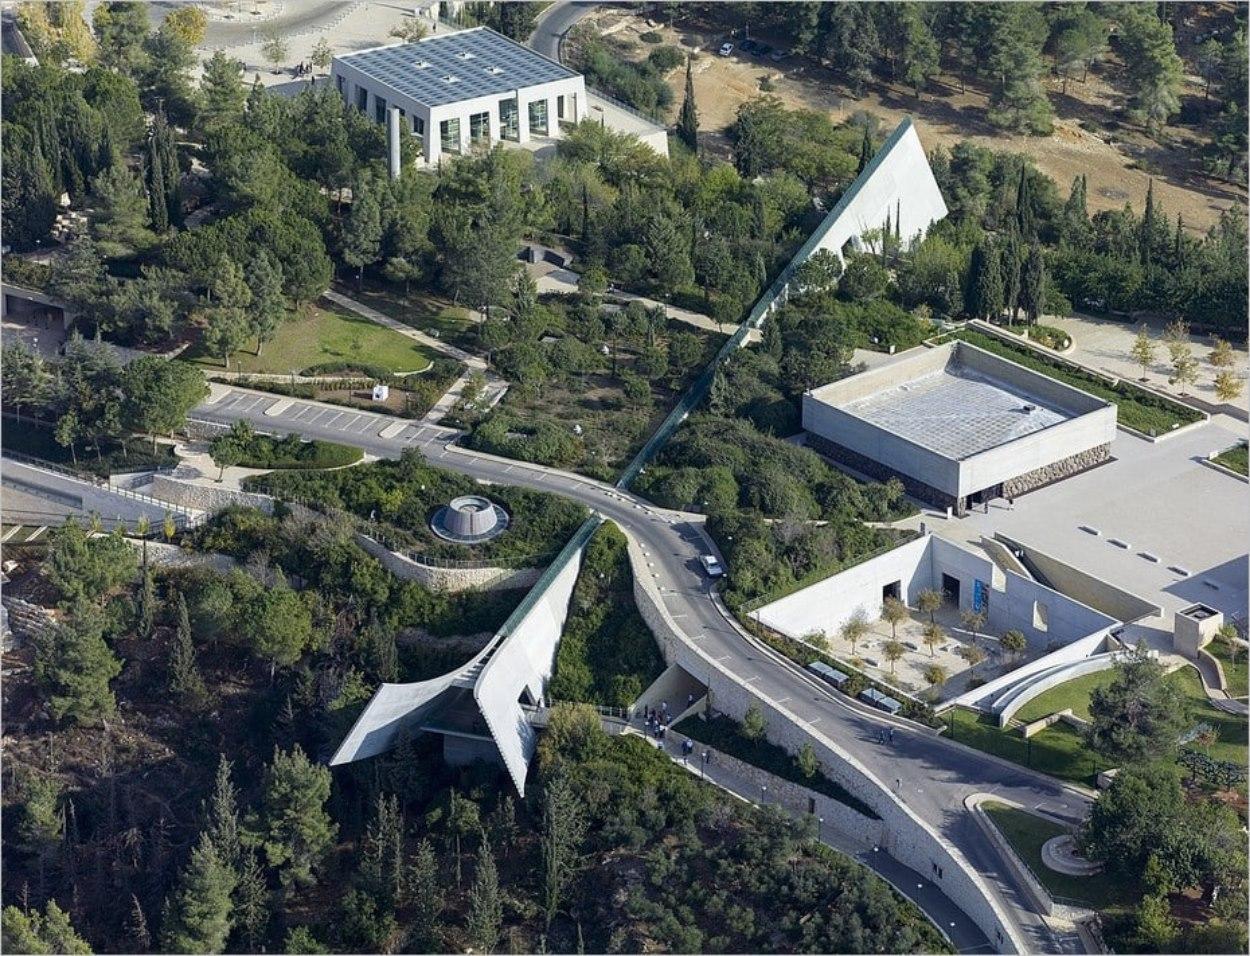 Vue aérienne de Yad Vashem